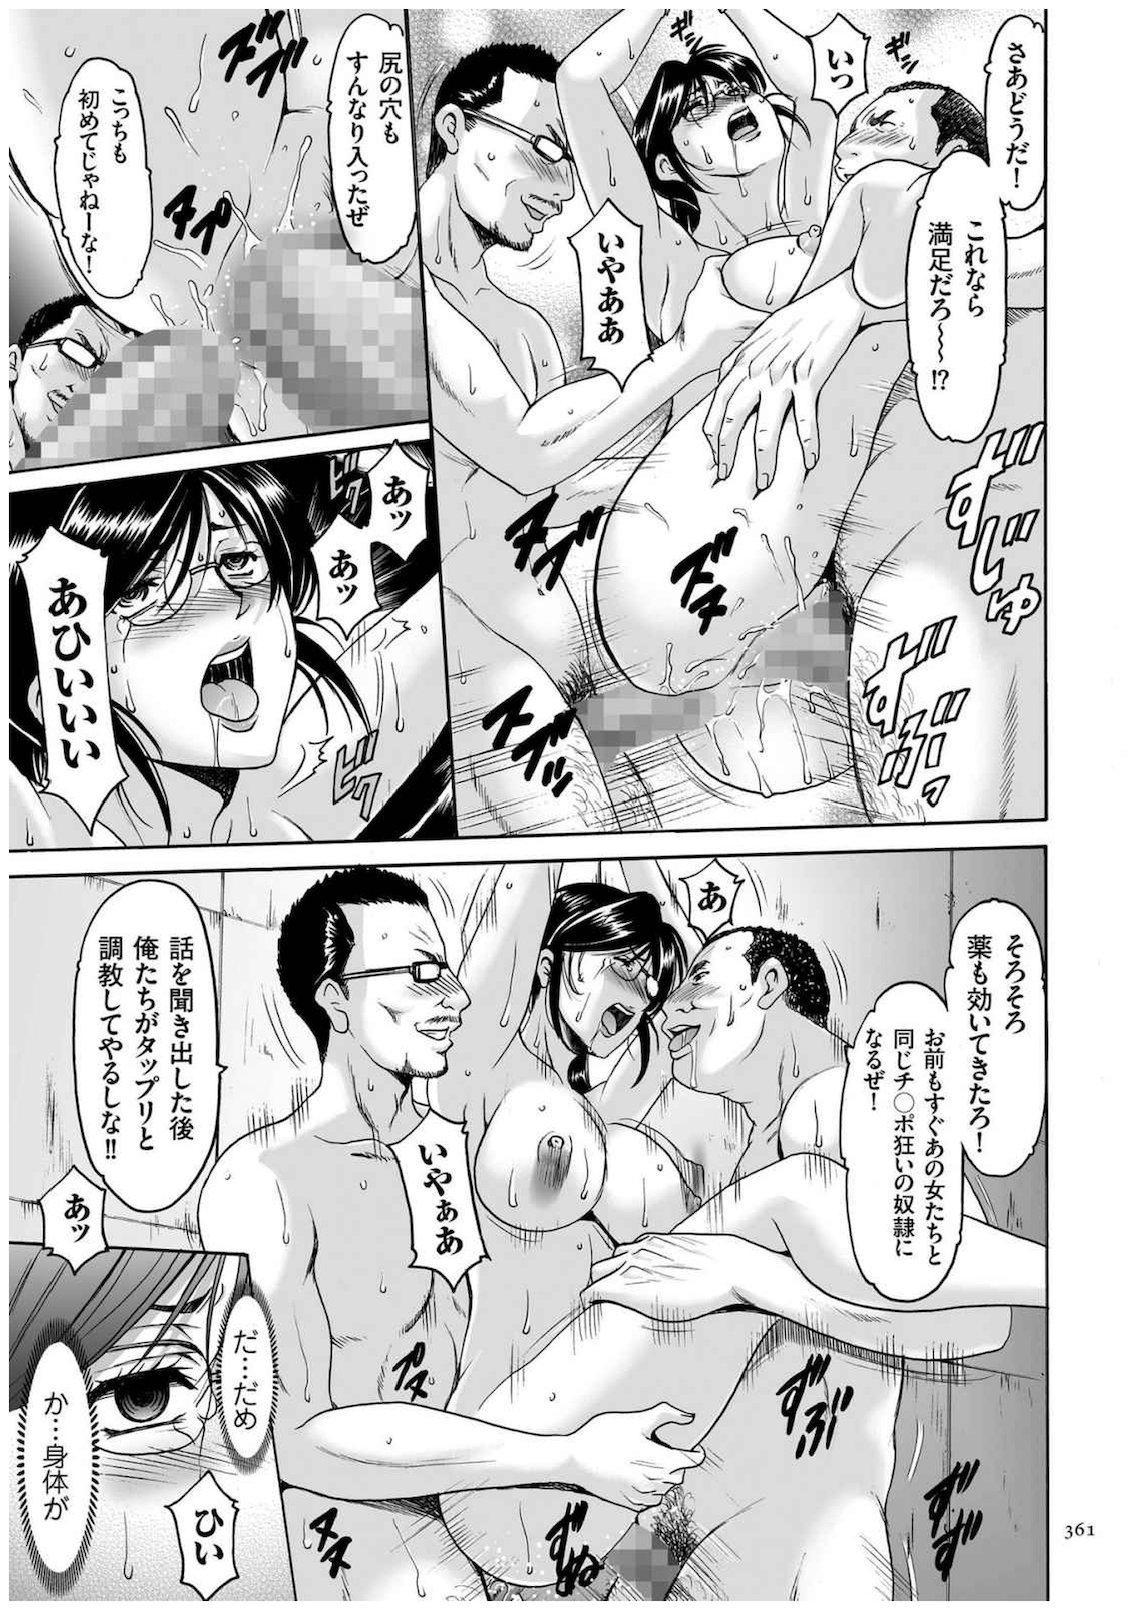 Sennyu Tsuma Satomi Kiroku 359